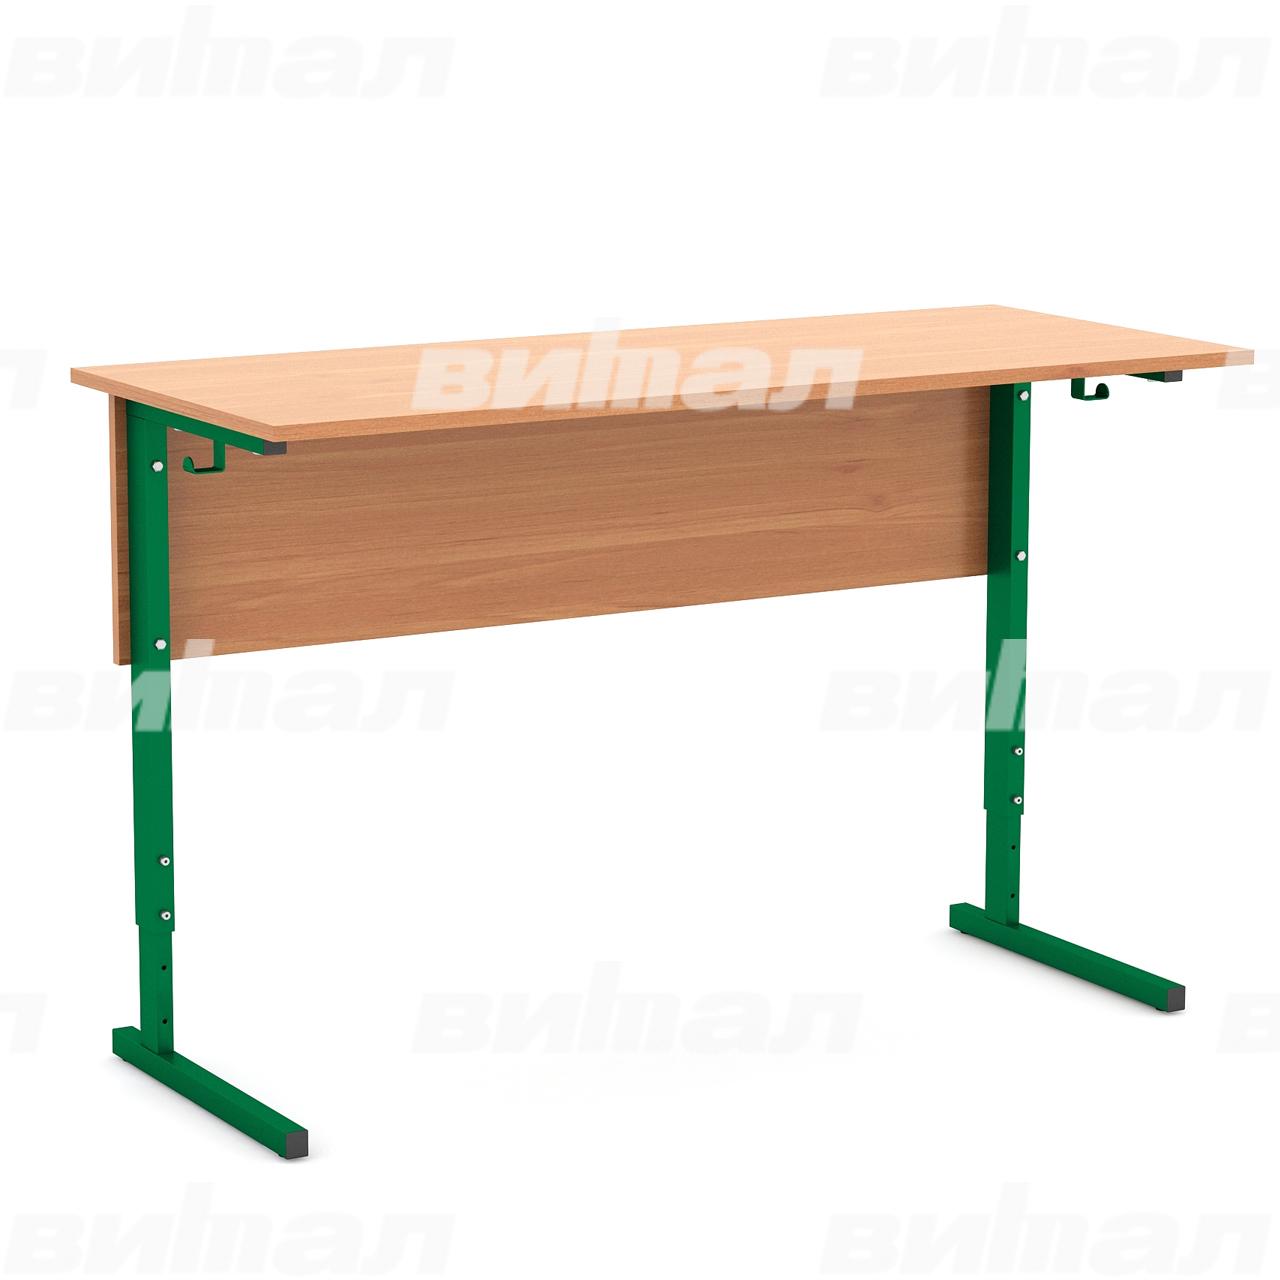 Стол ученический 2-местный регулируемый (гр. 2-4, 3-5 или 4-6) зеленый Ольха 4-6 Меламин